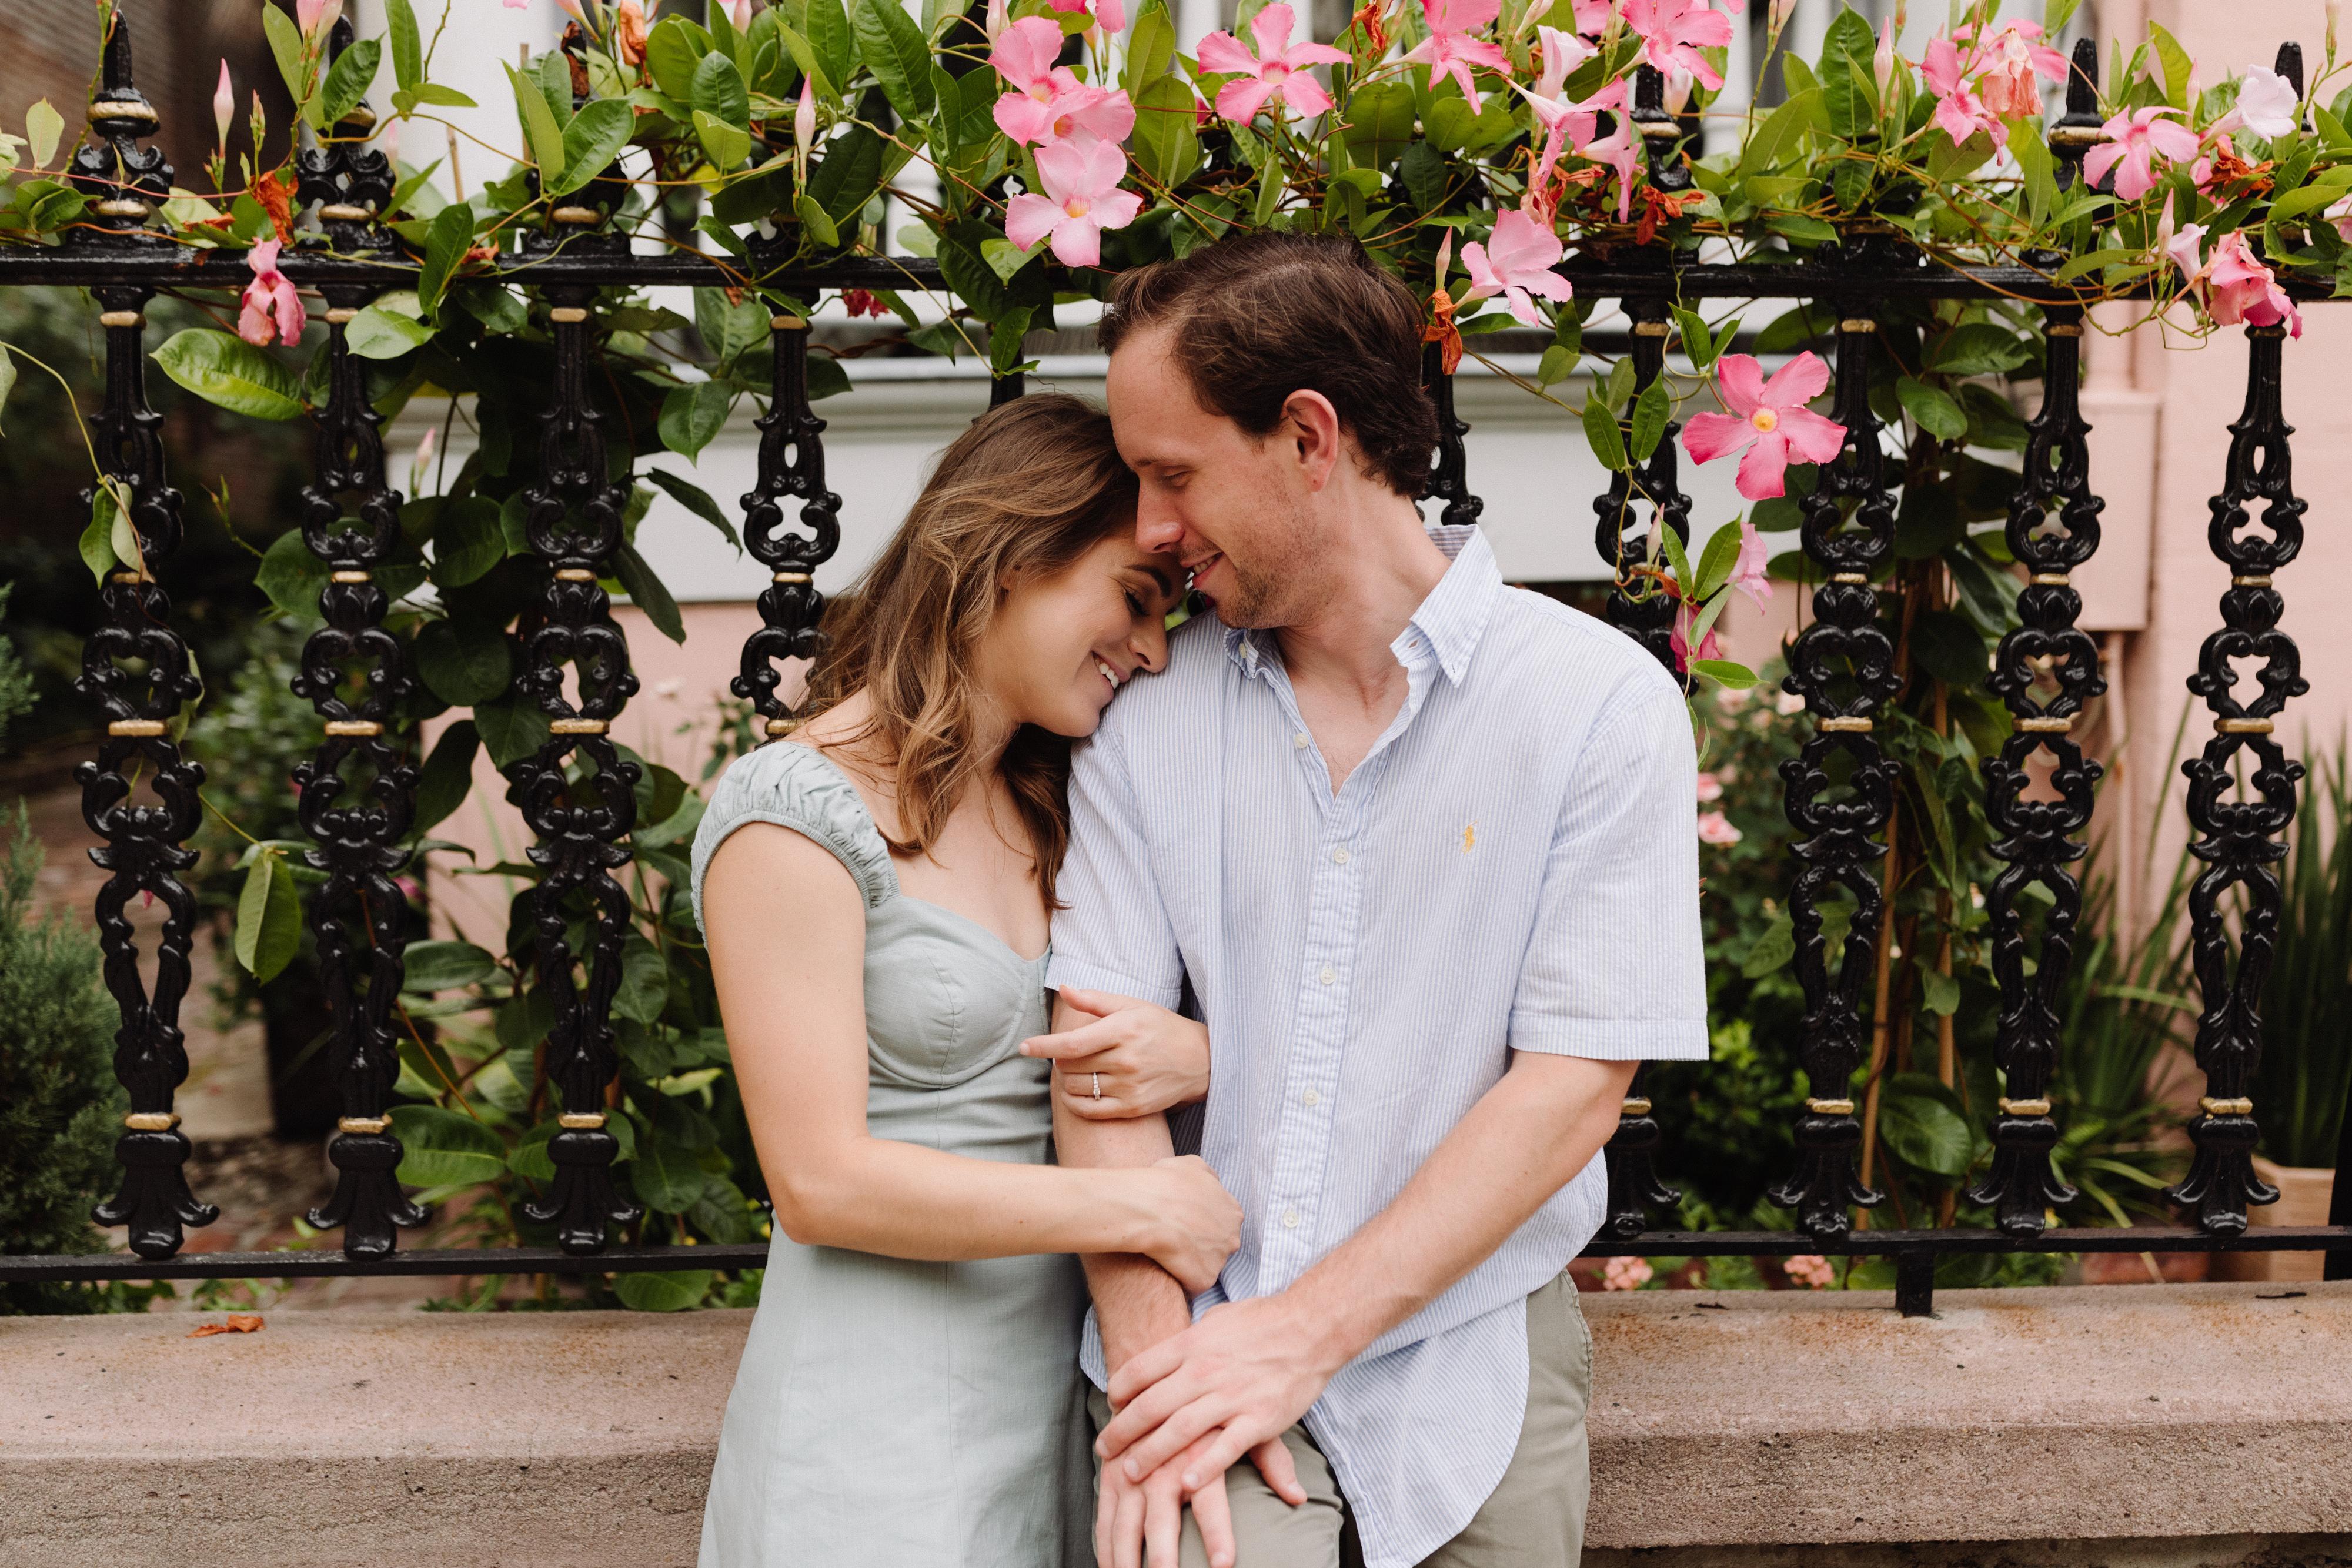 dating site Pooletyön tekijä dating pomo